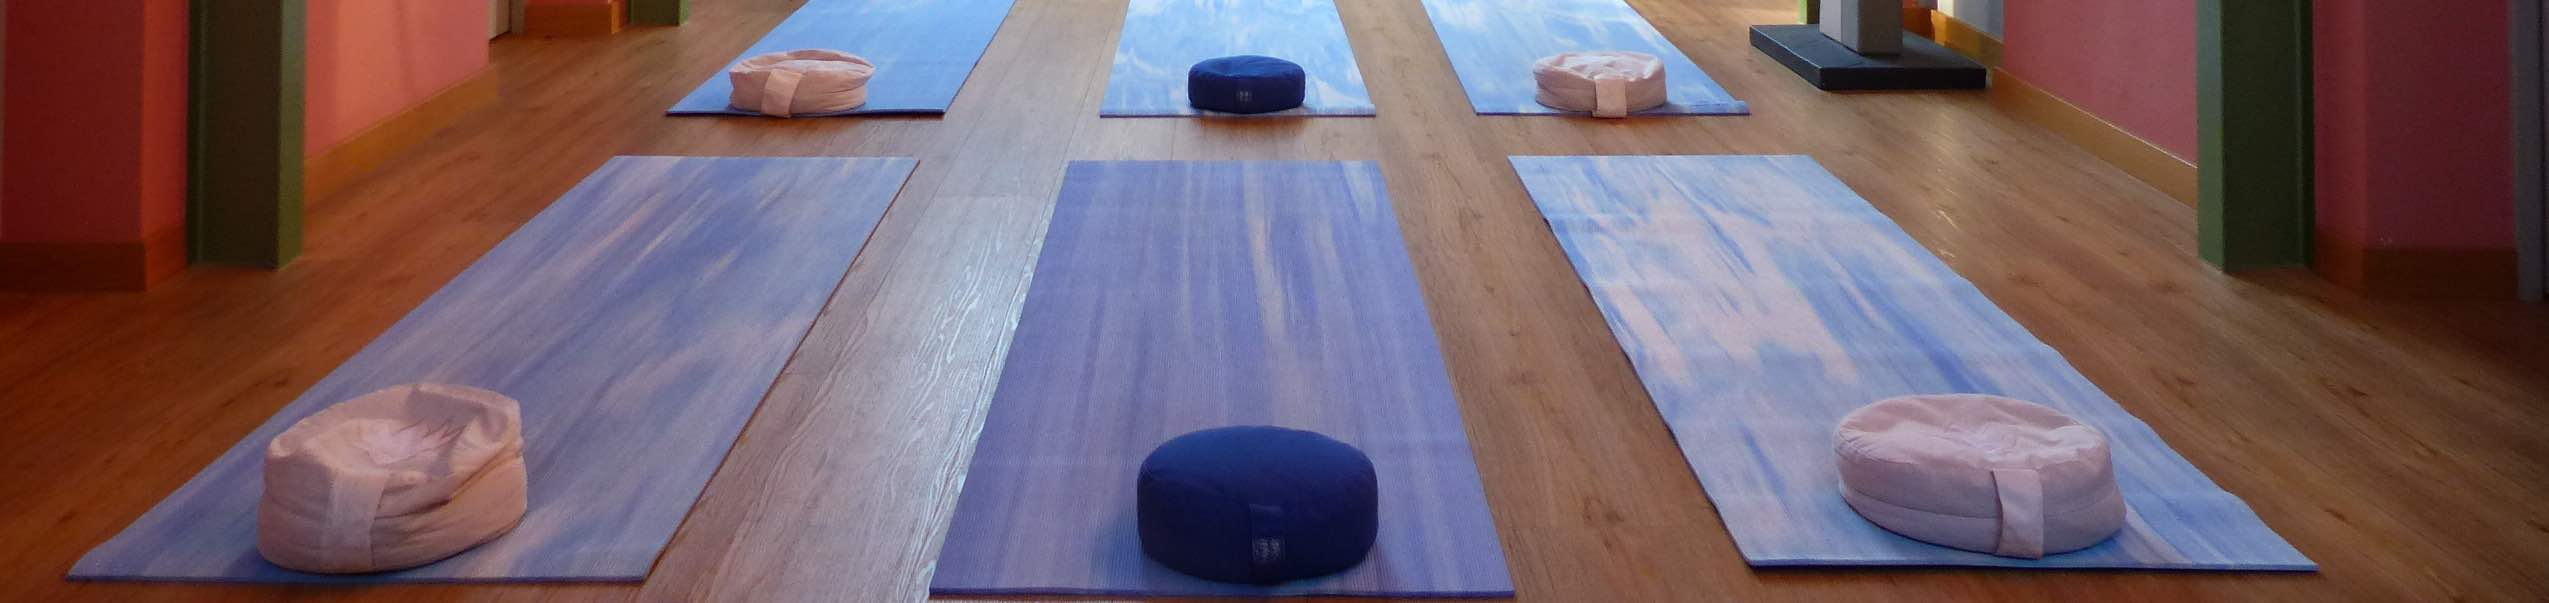 Yoga_neu